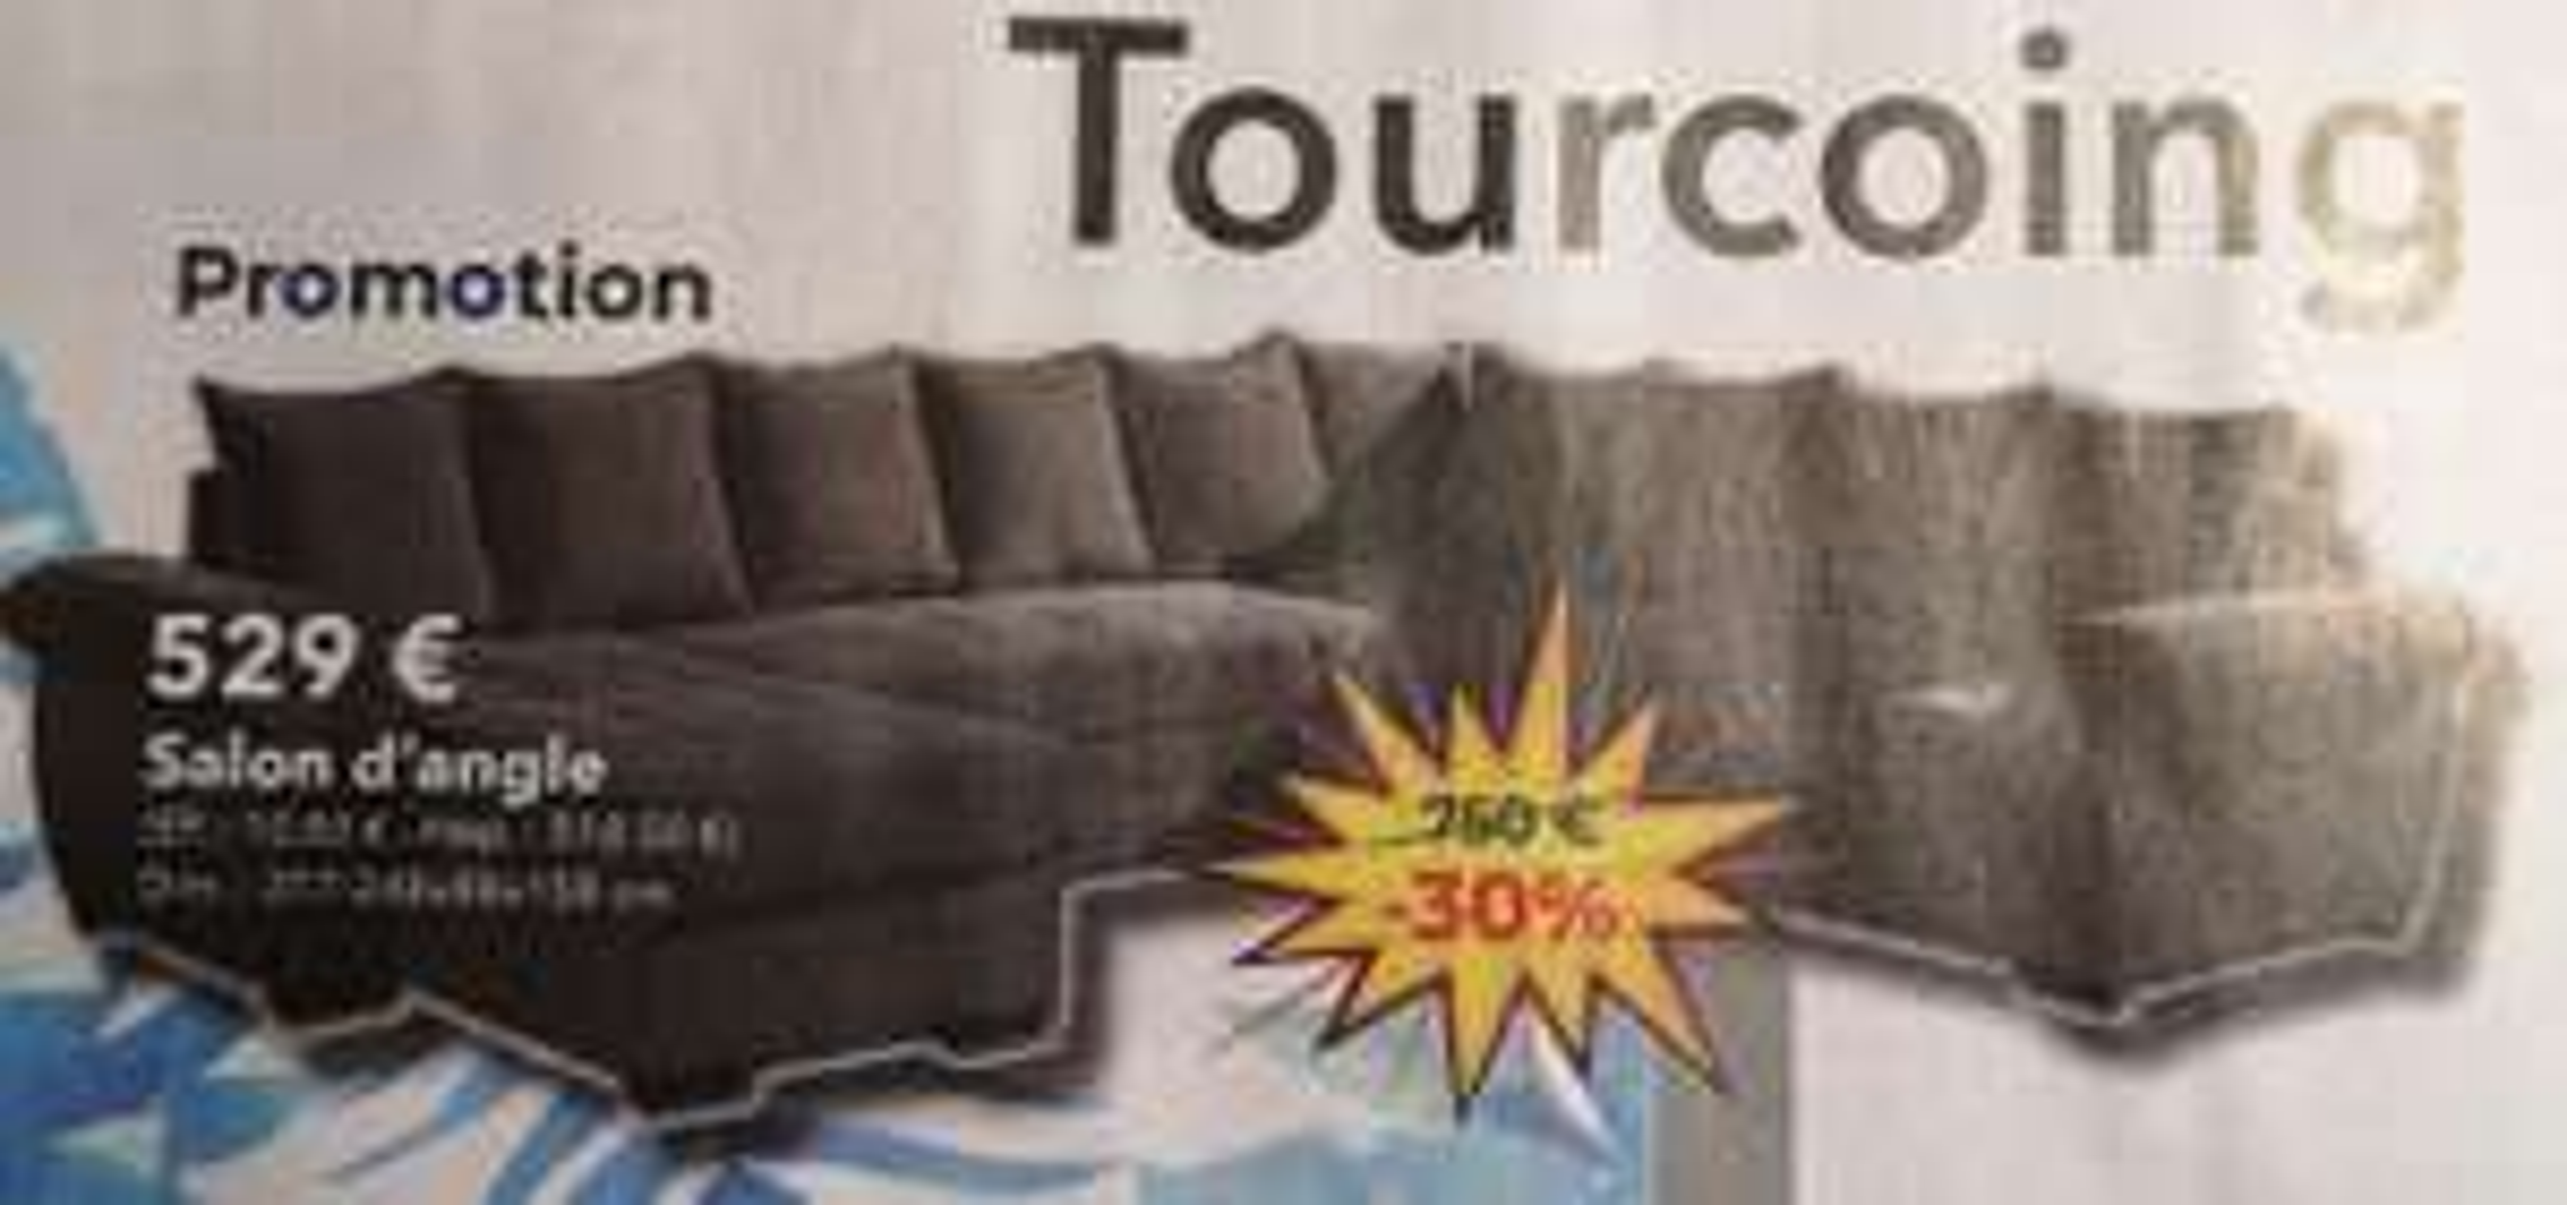 Sélection d'articles en promotion - Ex : Salon d'angle (Kreabel - Tourcoing 59)